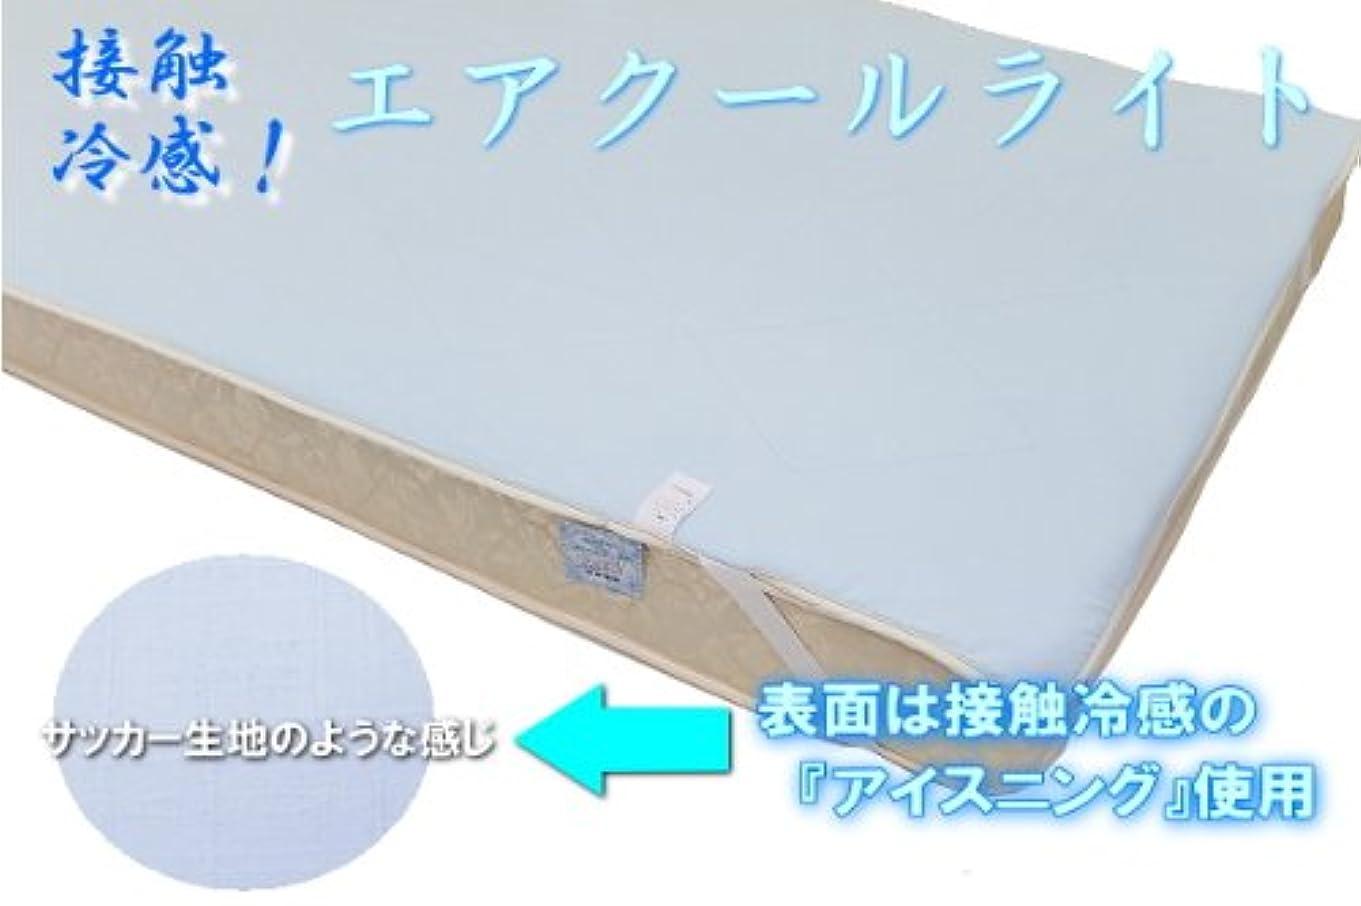 金曜日寝てるタップ冷感敷きパッド!エアクールライト(ダブルサイズ)~夏用寝具 クールコット、アイスニング~